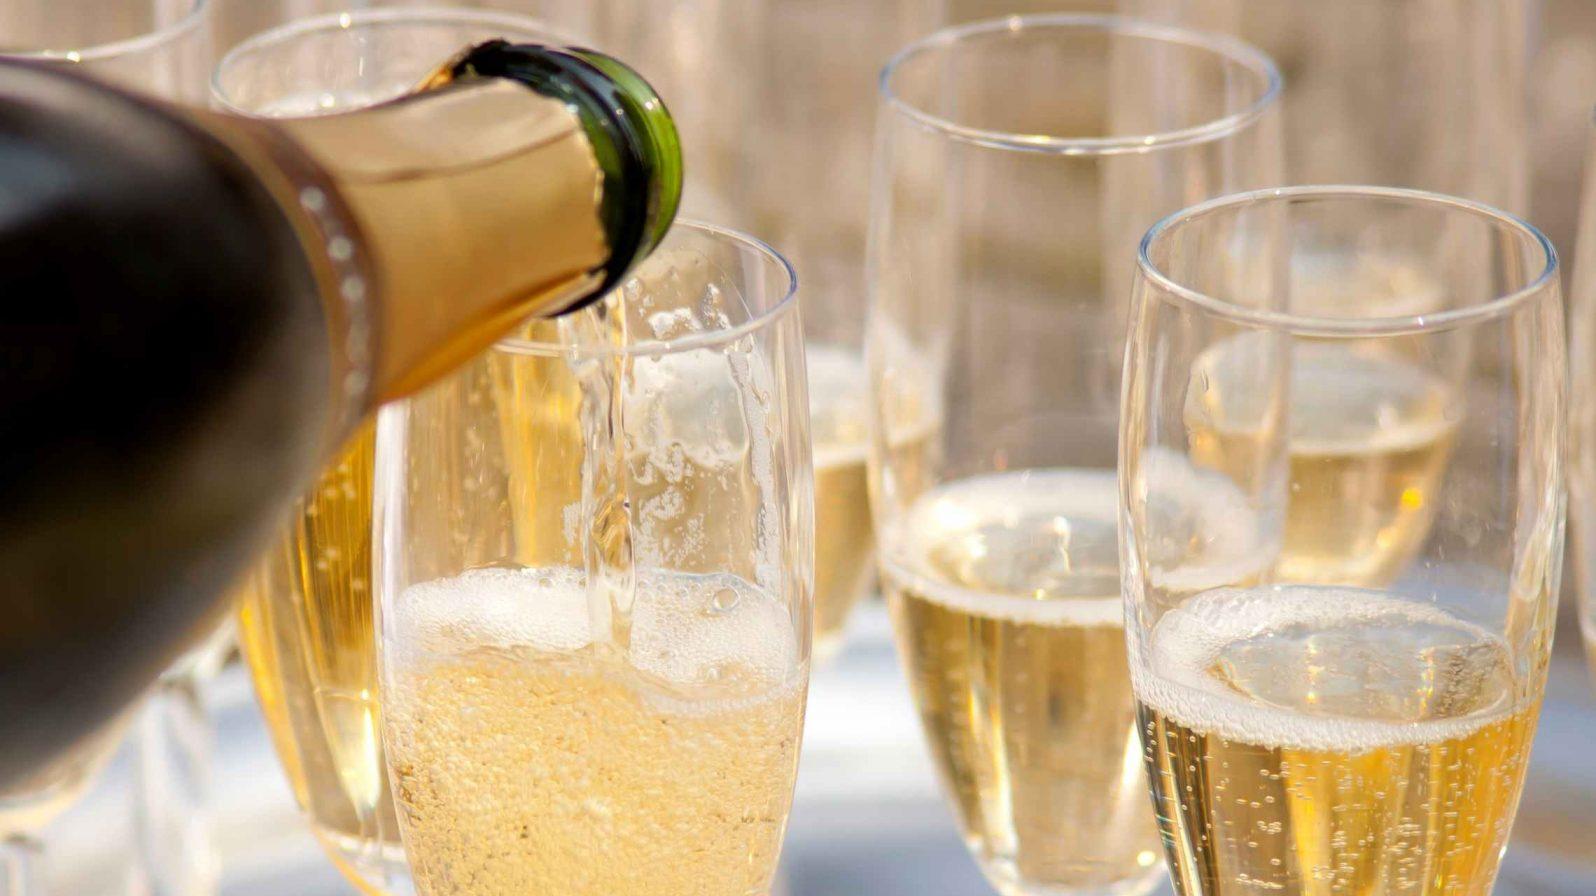 Champagne-lasien-täyttöä-bargeristeily-ruoka-ja-juoma-1596x896.jpg